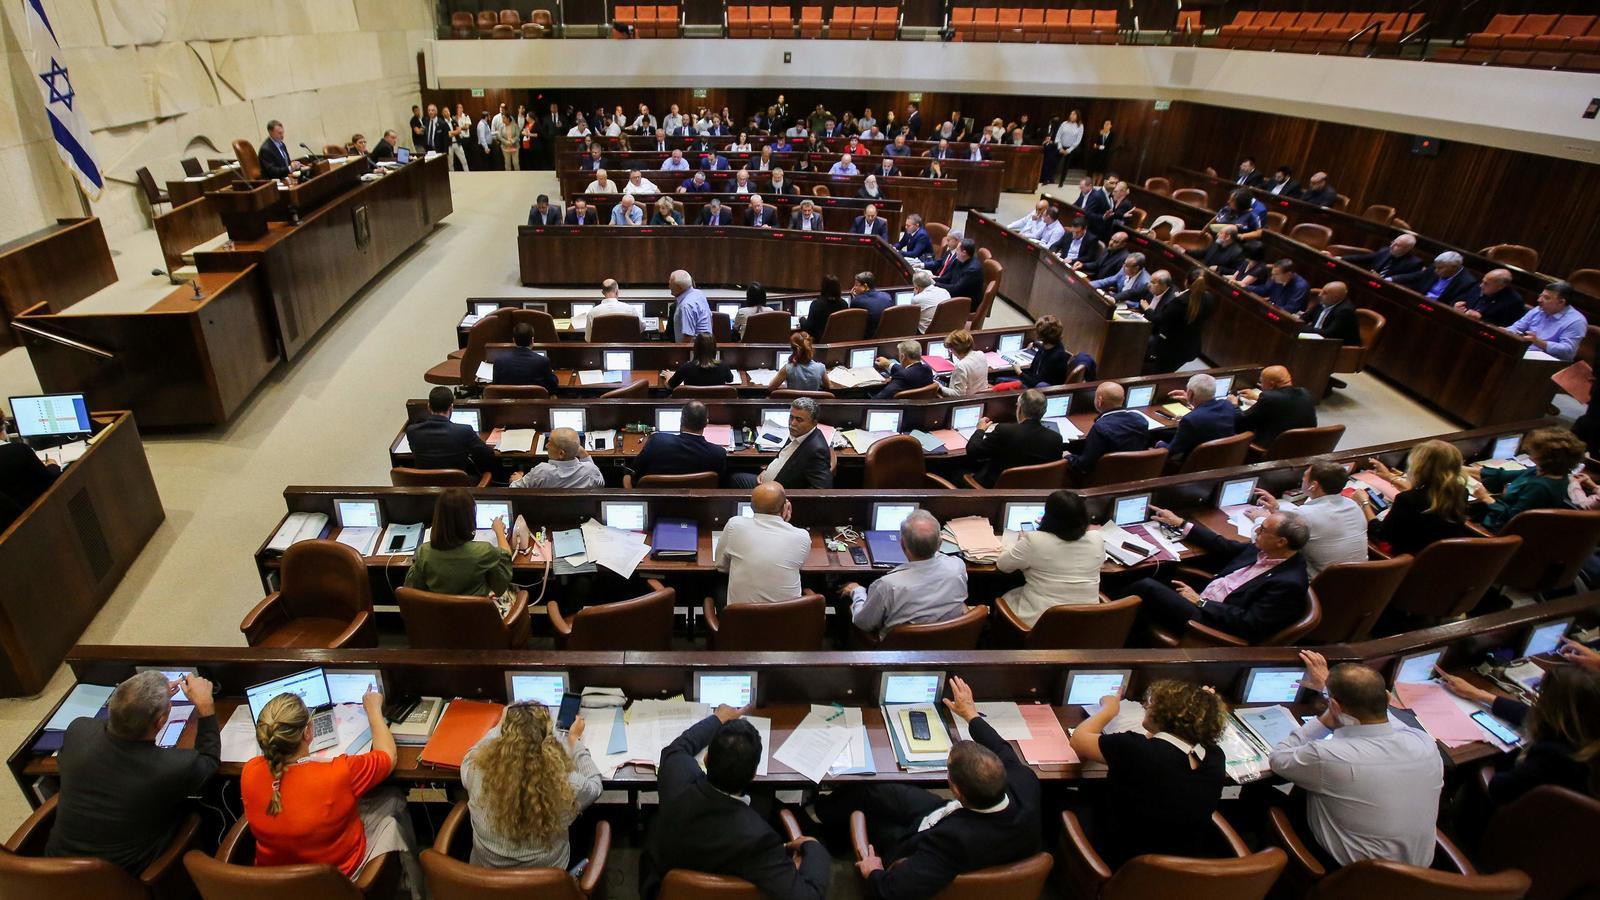 Els membres del Parlament israelià durant la sessió que ha aprovat la nova llei